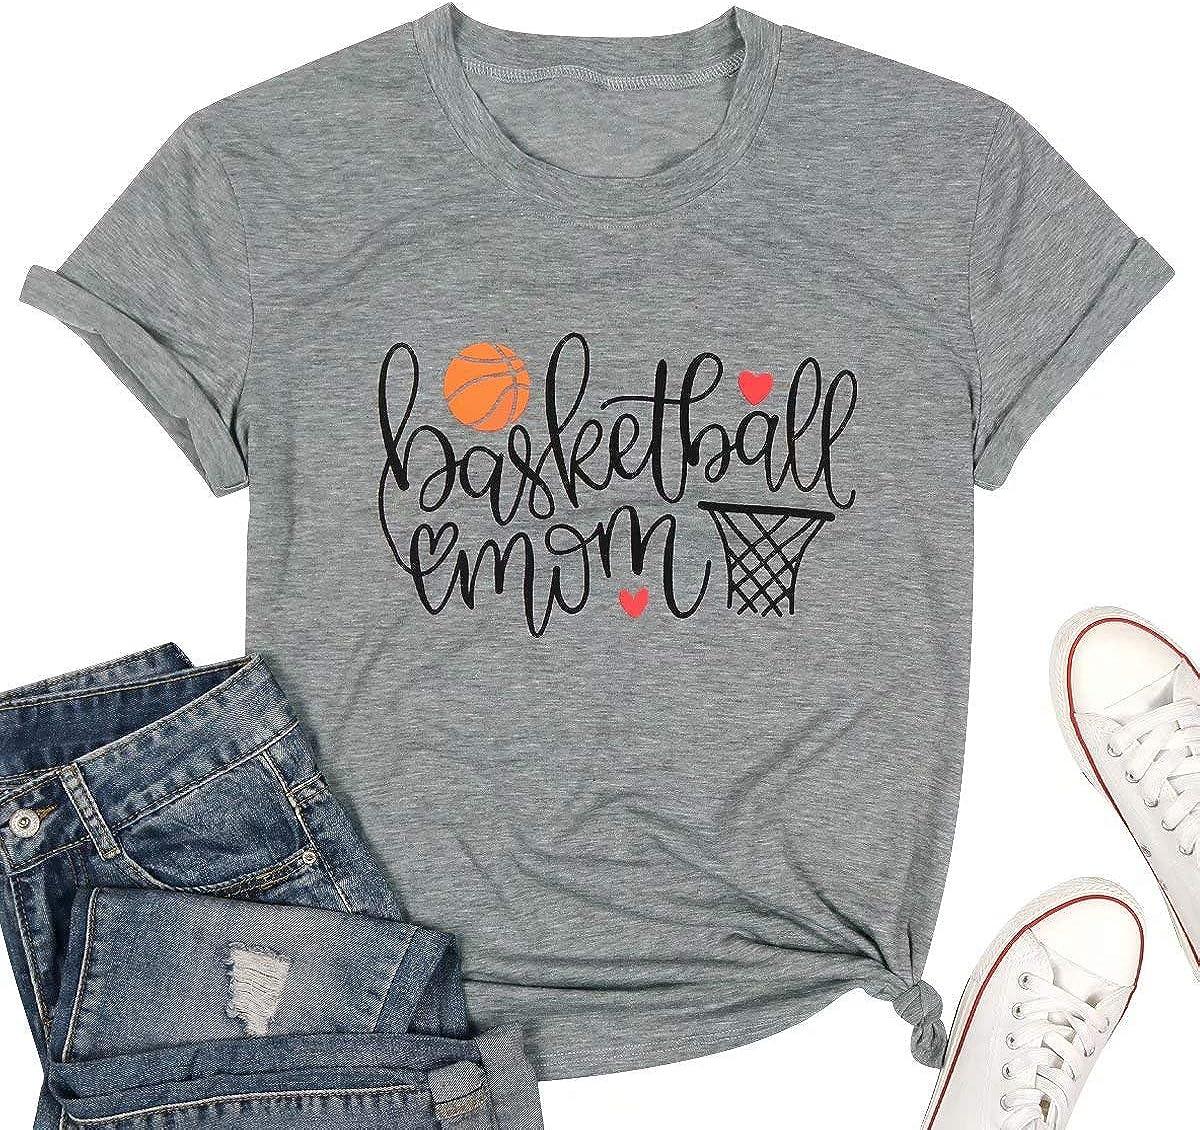 ASTANFY - Camiseta de baloncesto para mujer con estampado de letras - Gris - Small: Amazon.es: Ropa y accesorios